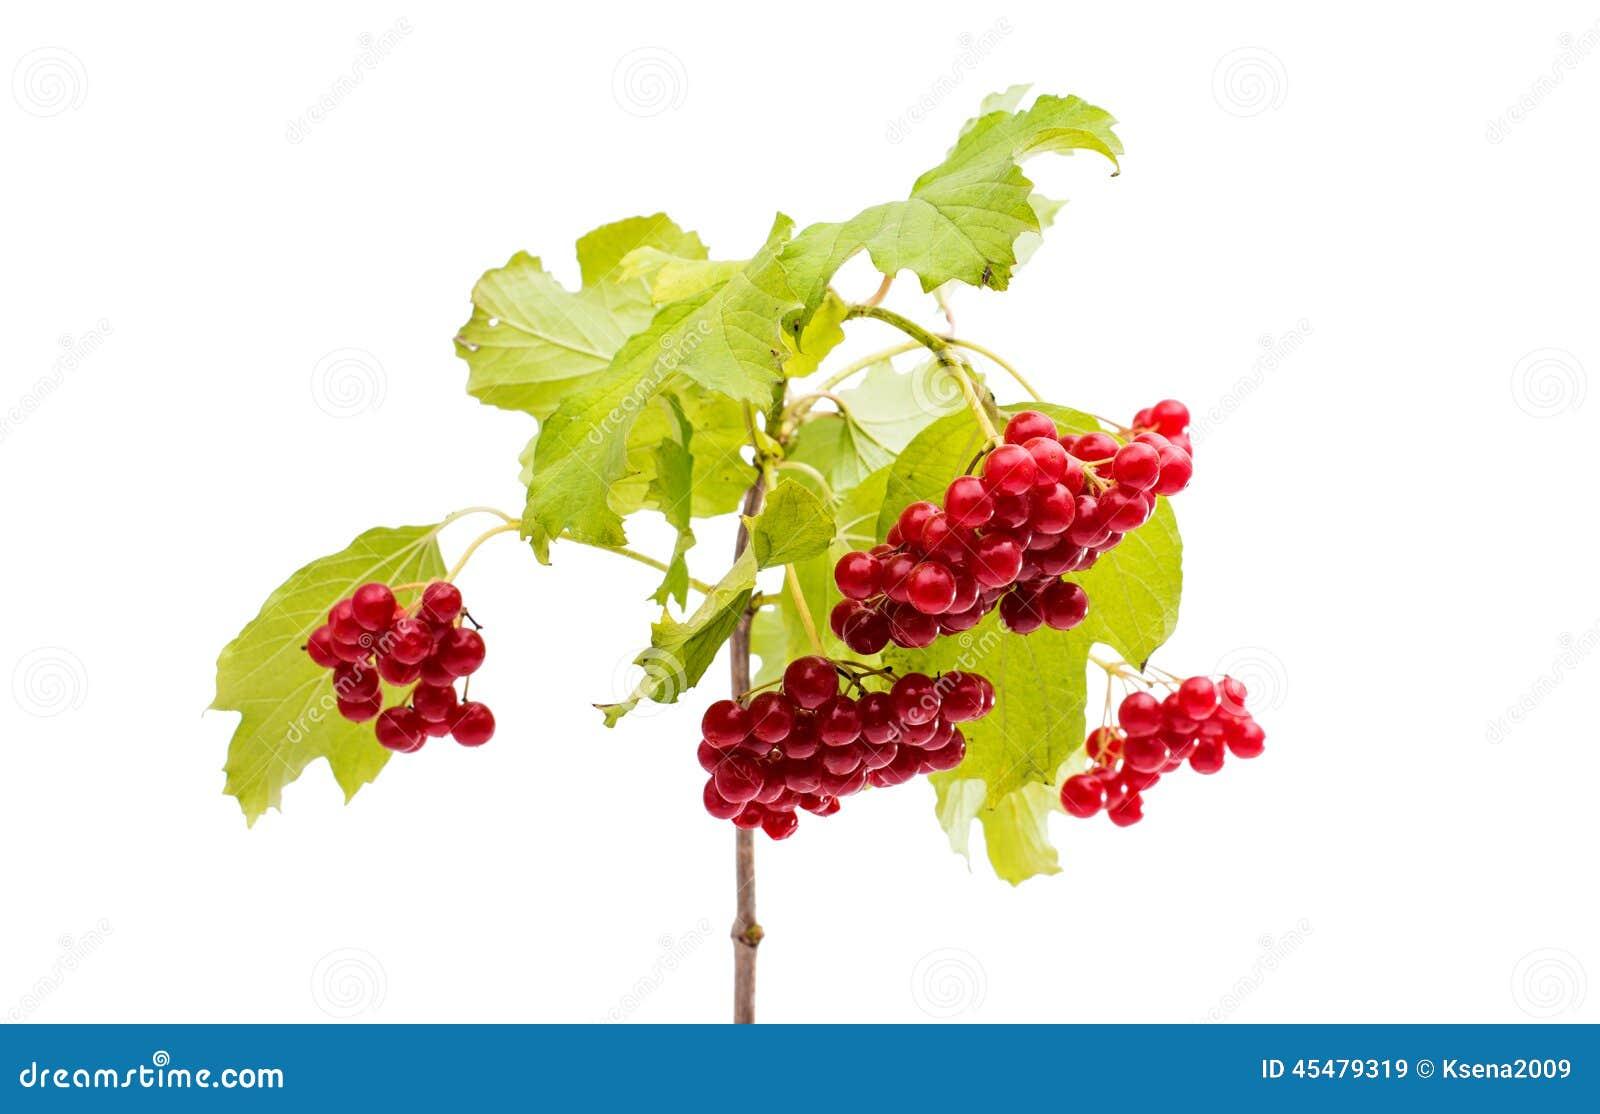 荚莲属的植物分行